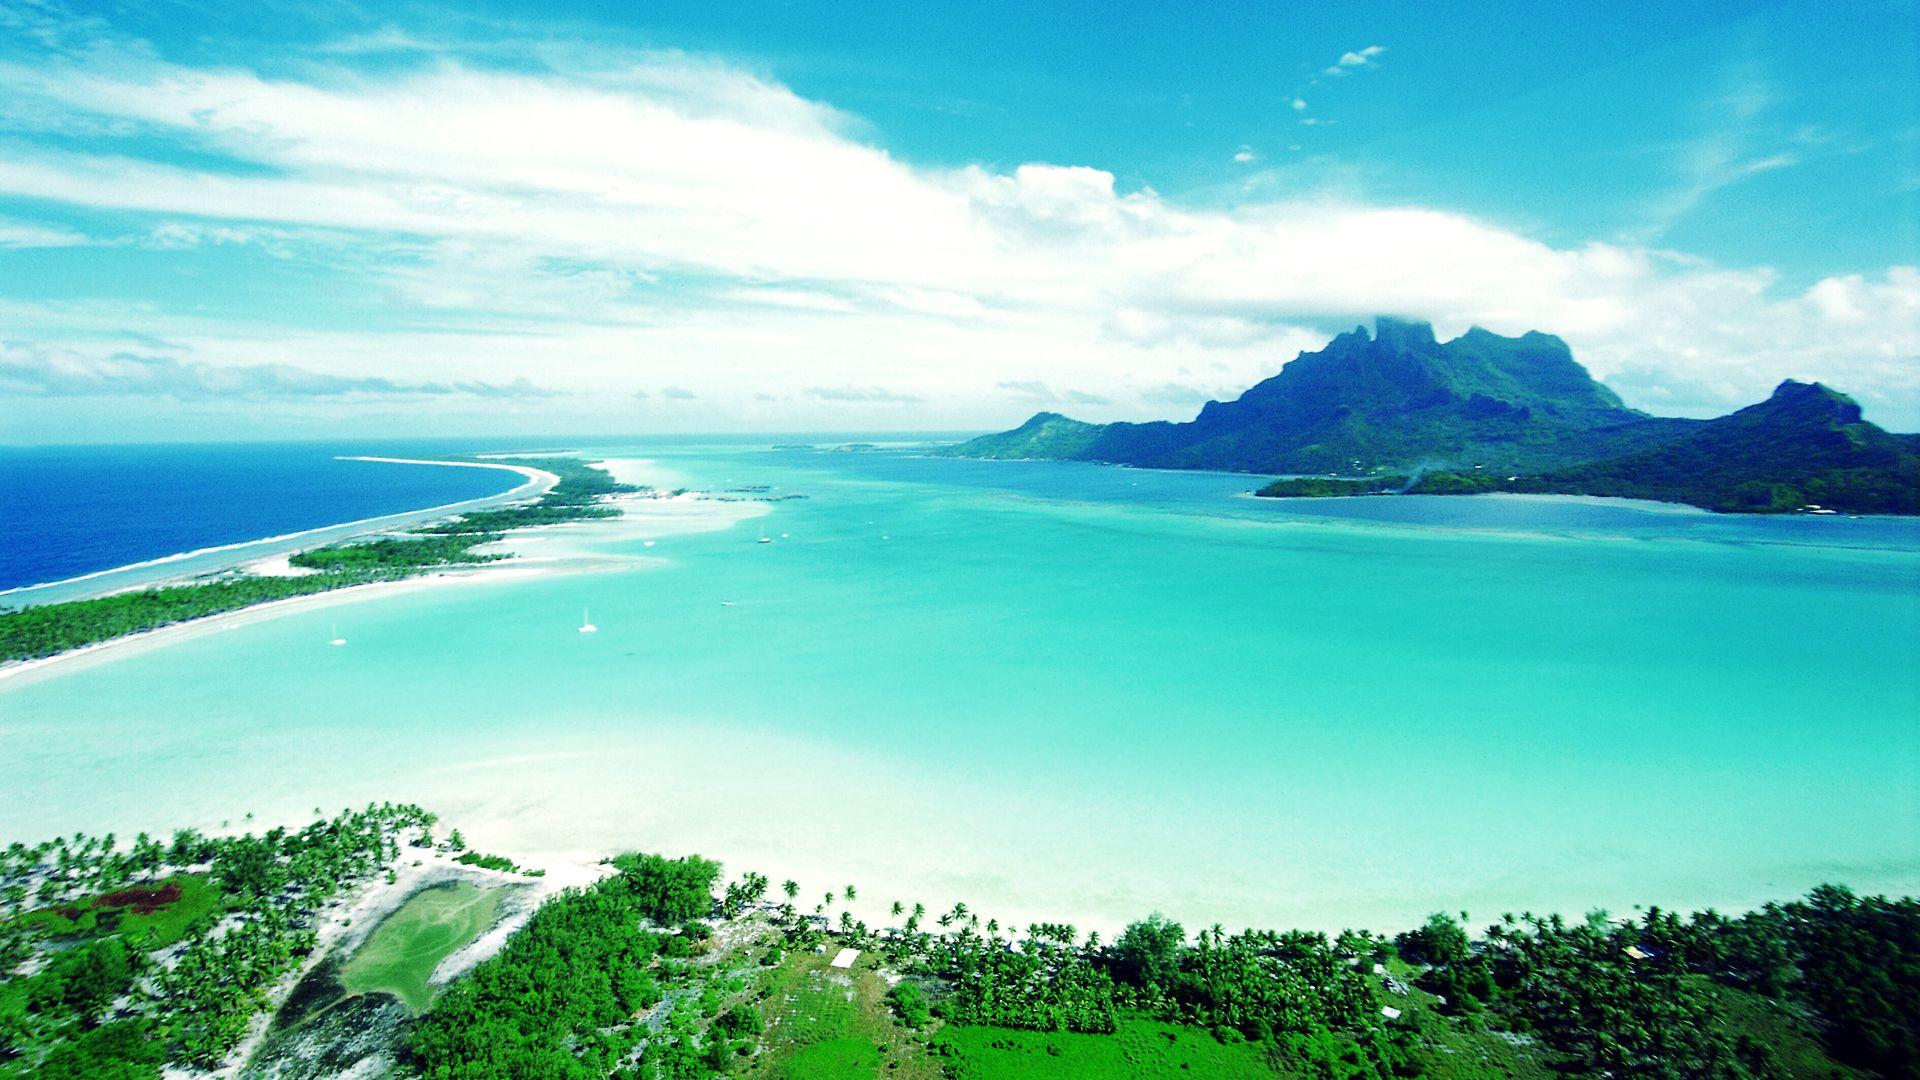 Bora Bora picture free download